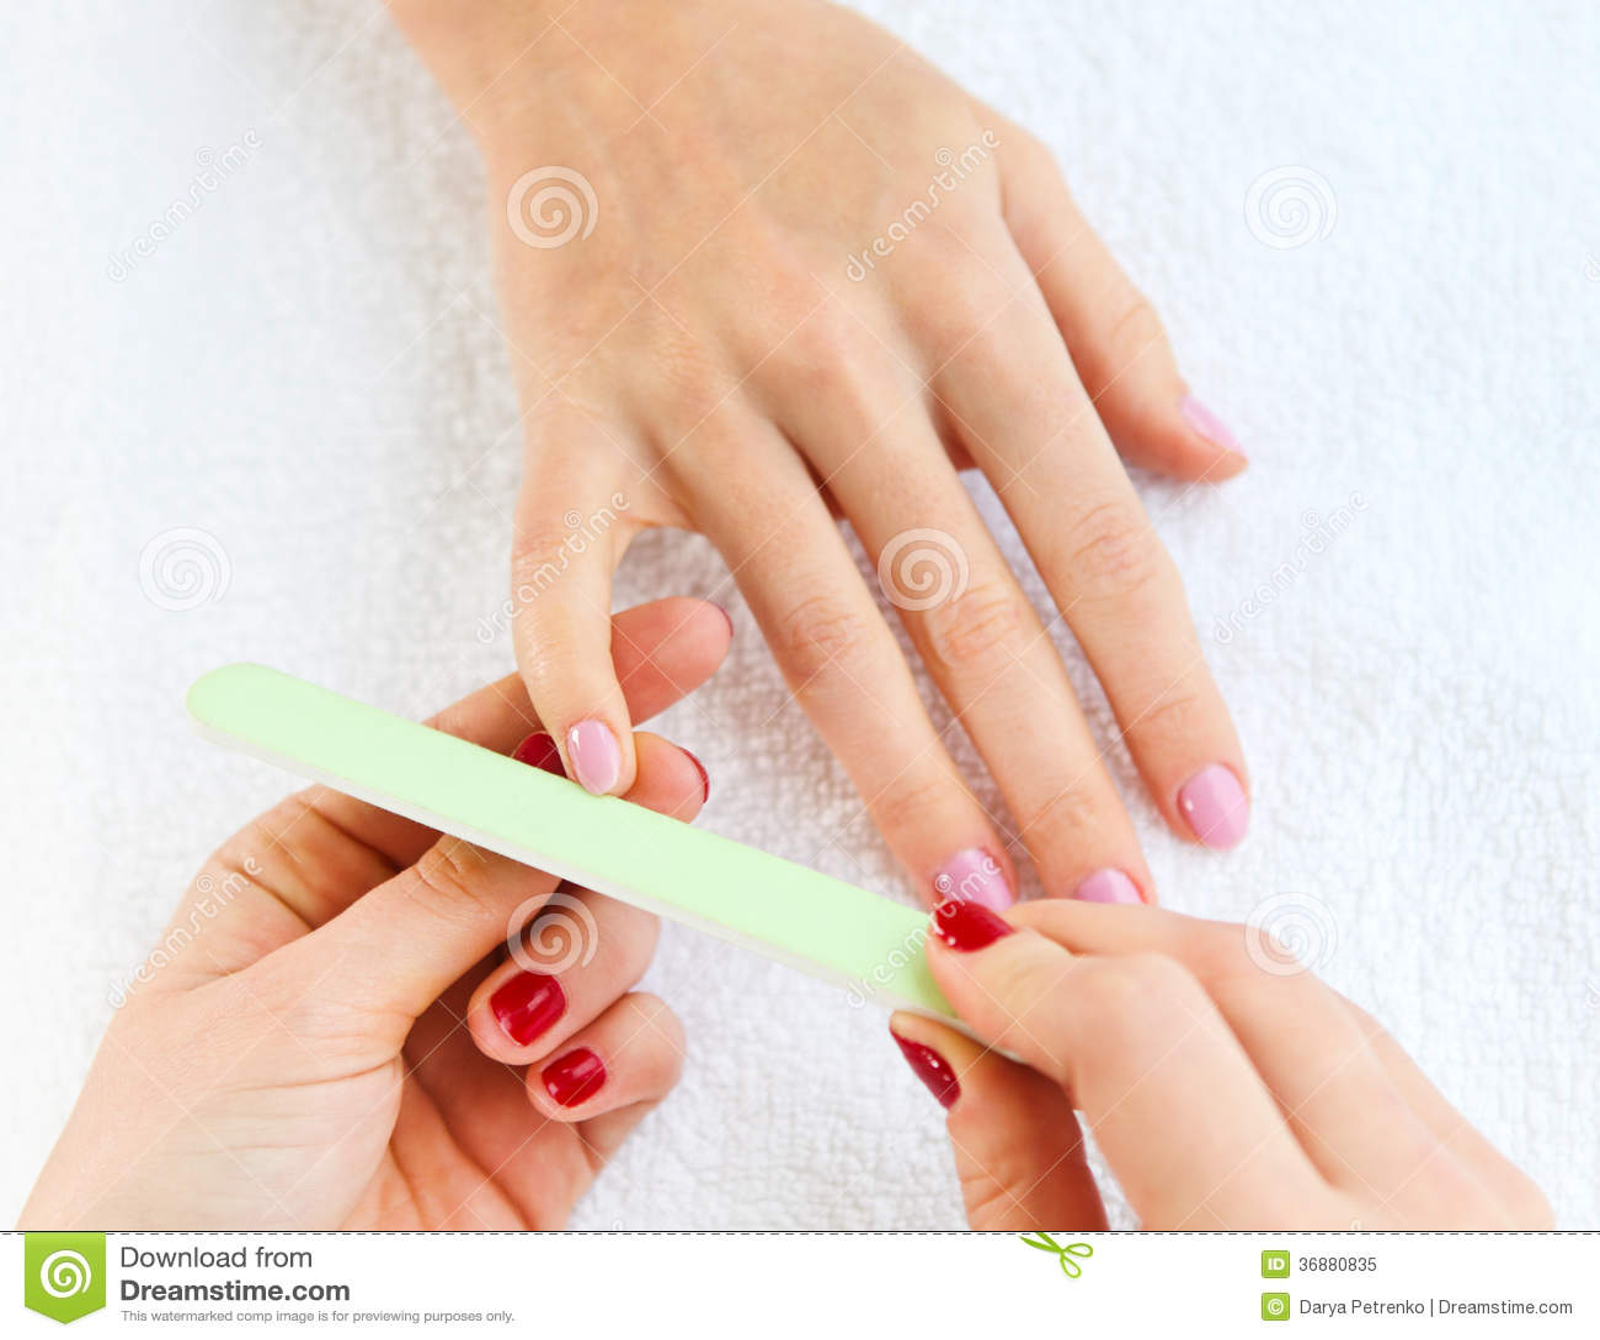 Download Cura Delicata Delle Unghie Nel Salone Di Bellezza Immagine Stock - Immagine di barretta, ragazza: 36880835